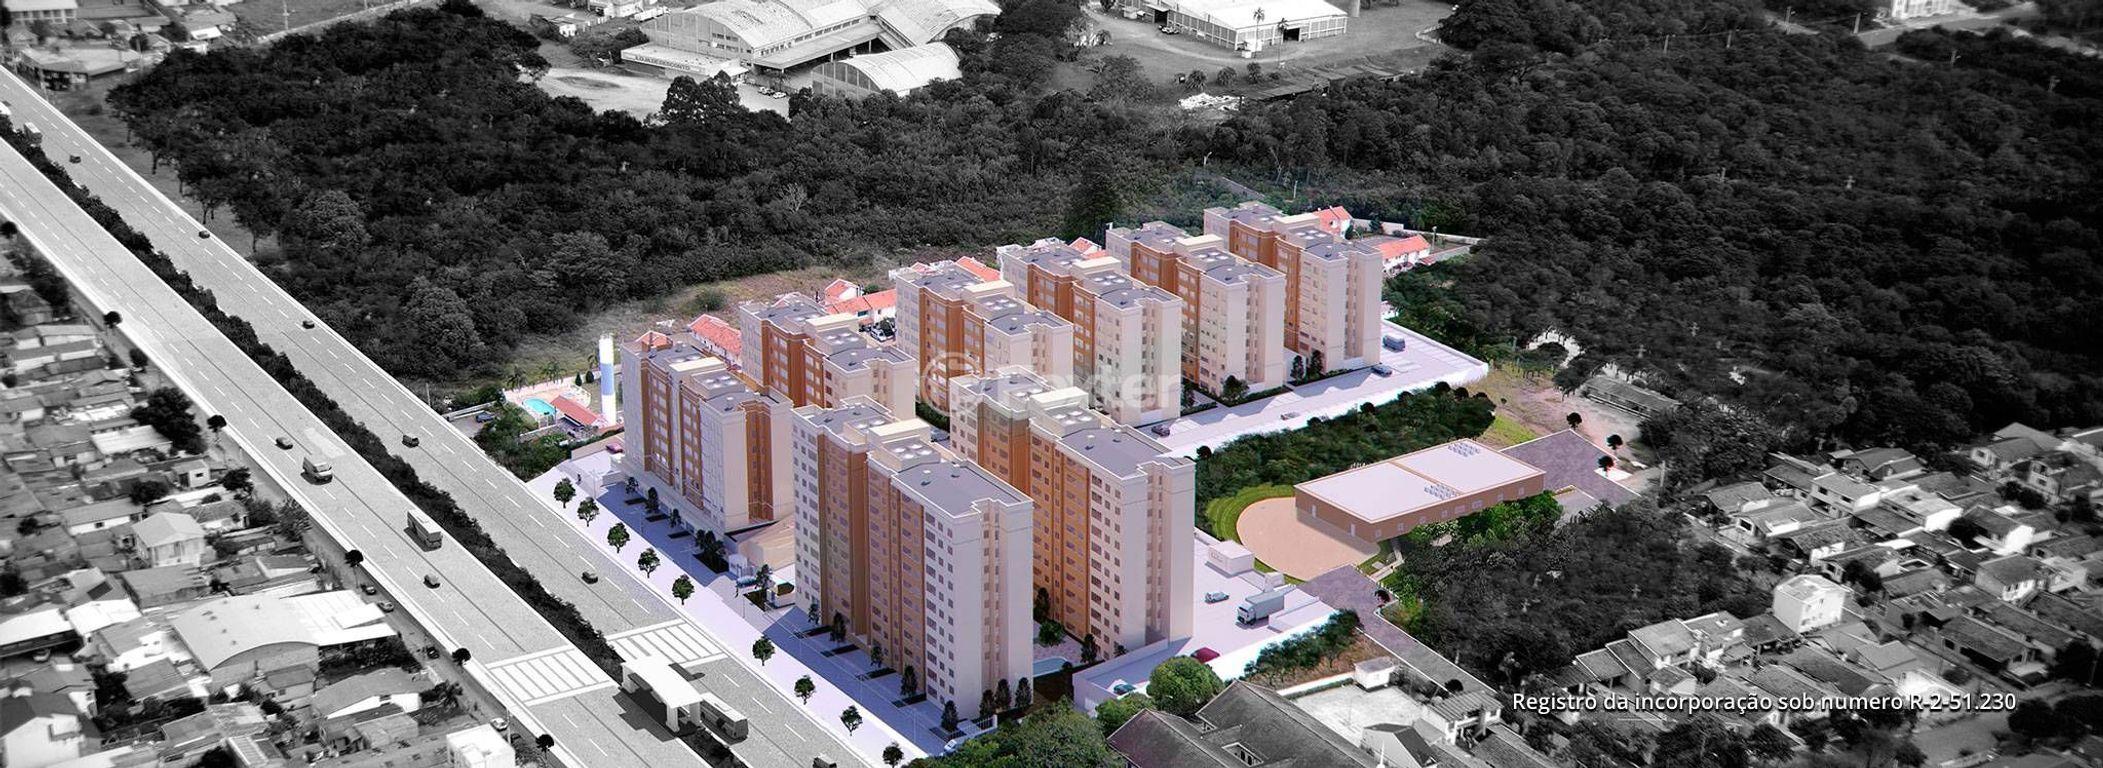 Apto 2 Dorm, Rubem Berta, Porto Alegre (104732) - Foto 2